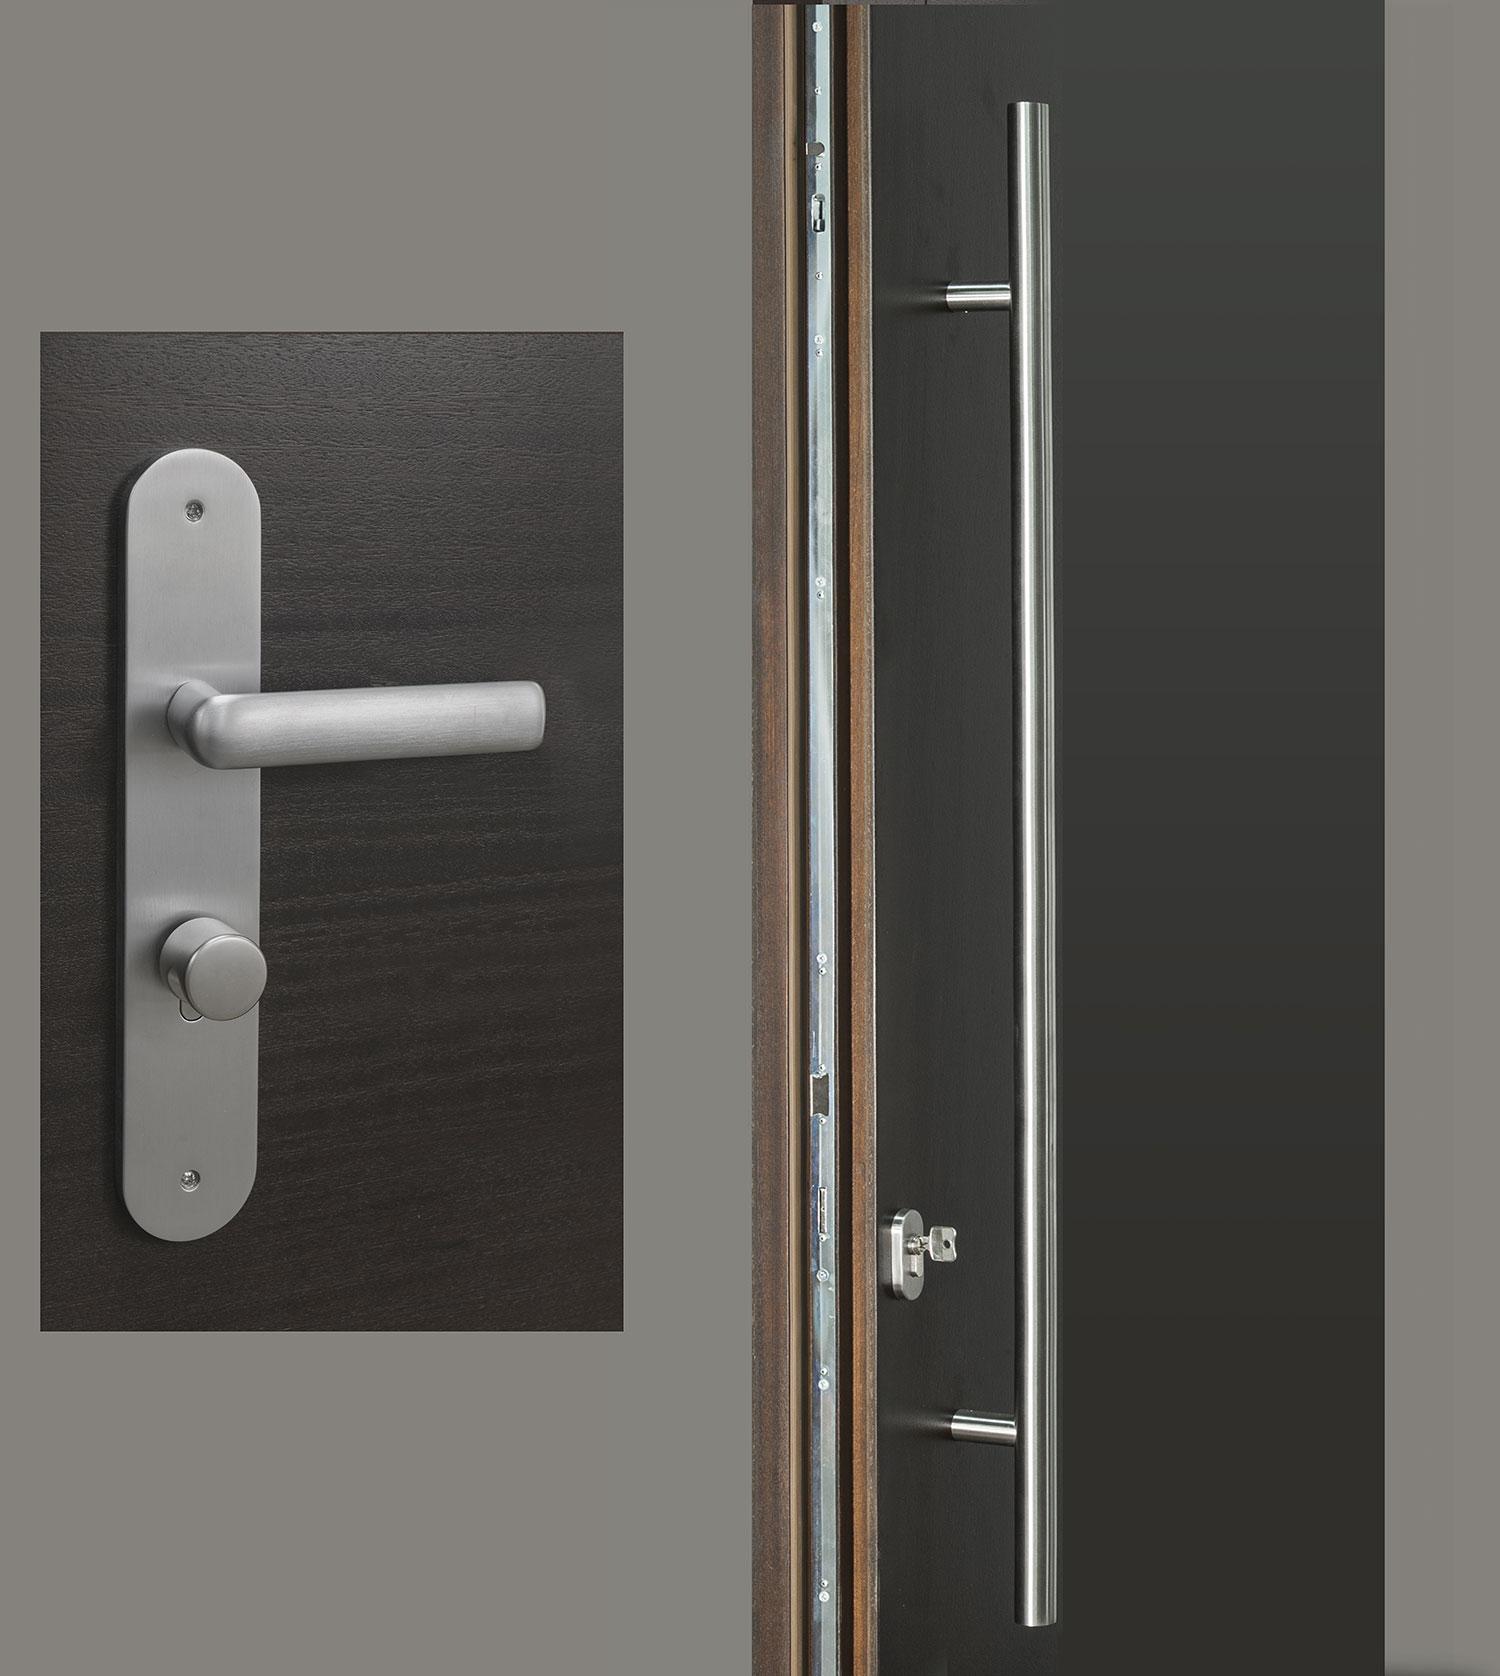 HDWR-EURO-SET-ROUND-48-STRIP - Door Hardware